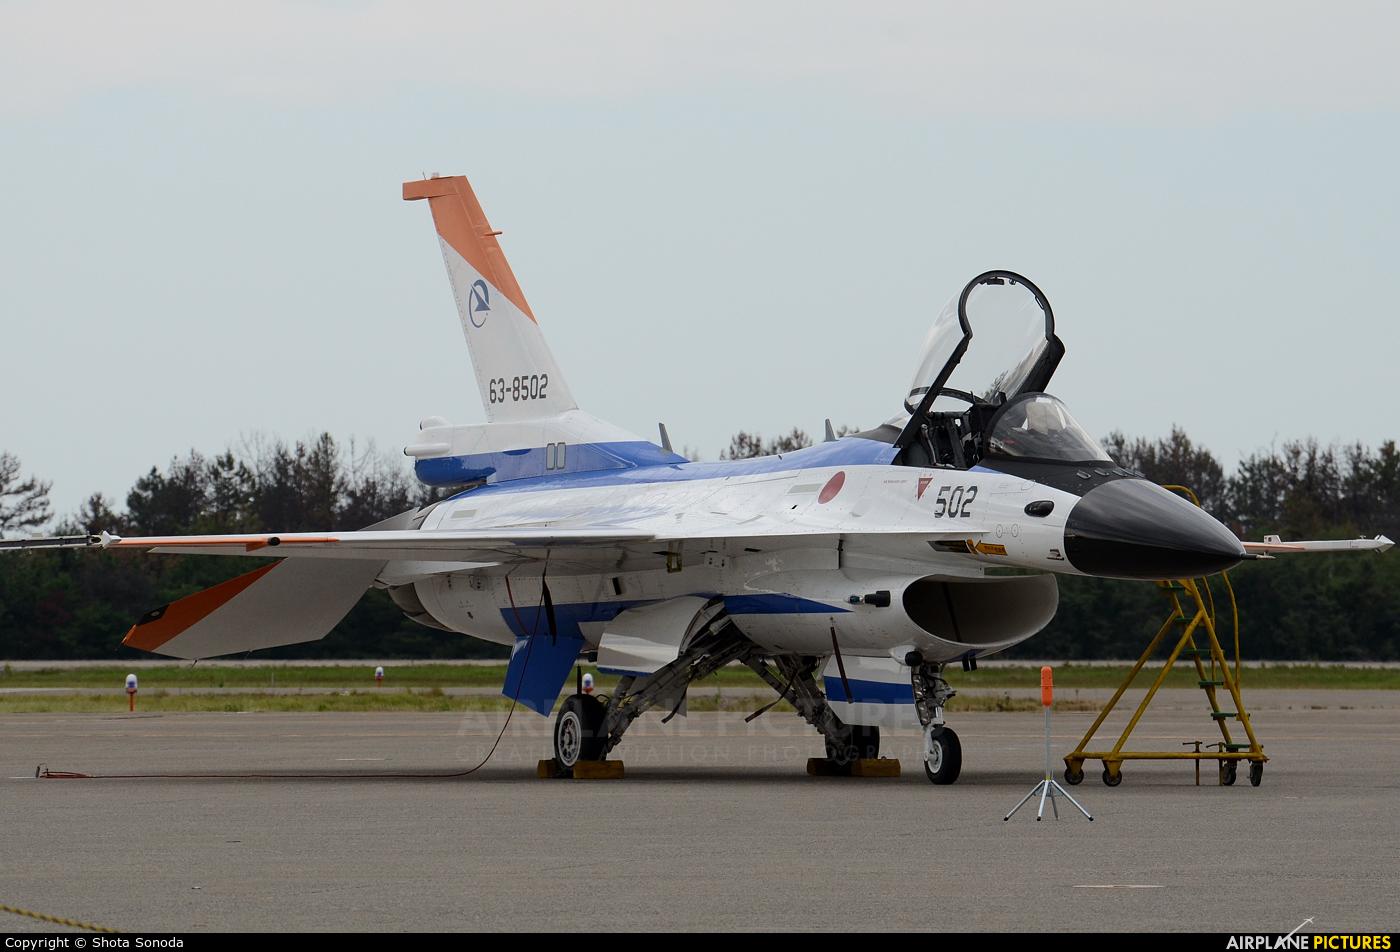 Japan - Air Self Defence Force 63-8502 aircraft at Komatsu